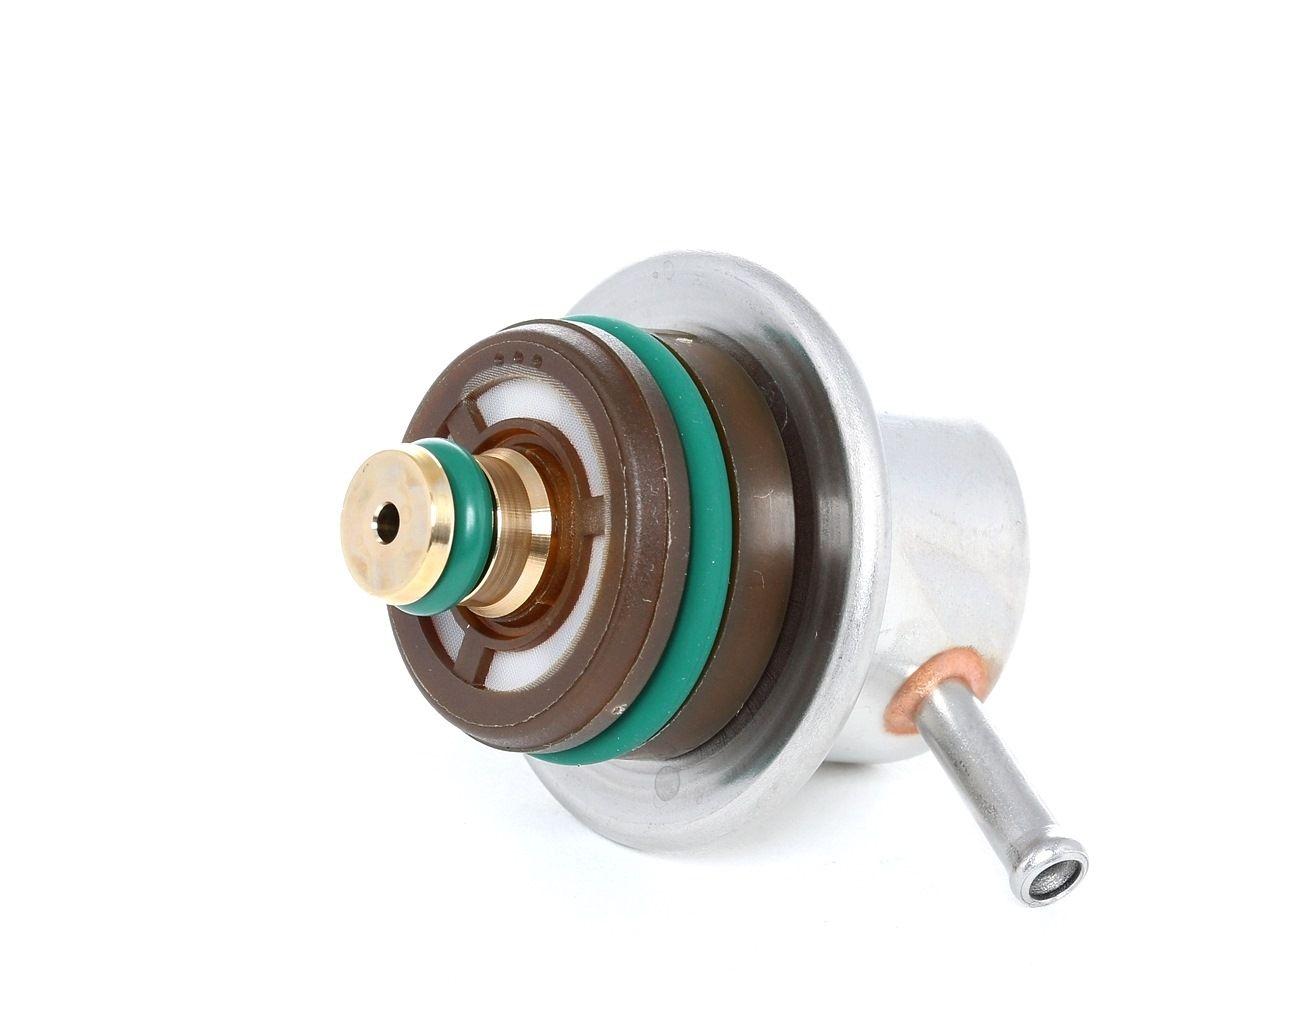 Kraftstoffdruckregler 0 280 160 557 rund um die Uhr online kaufen